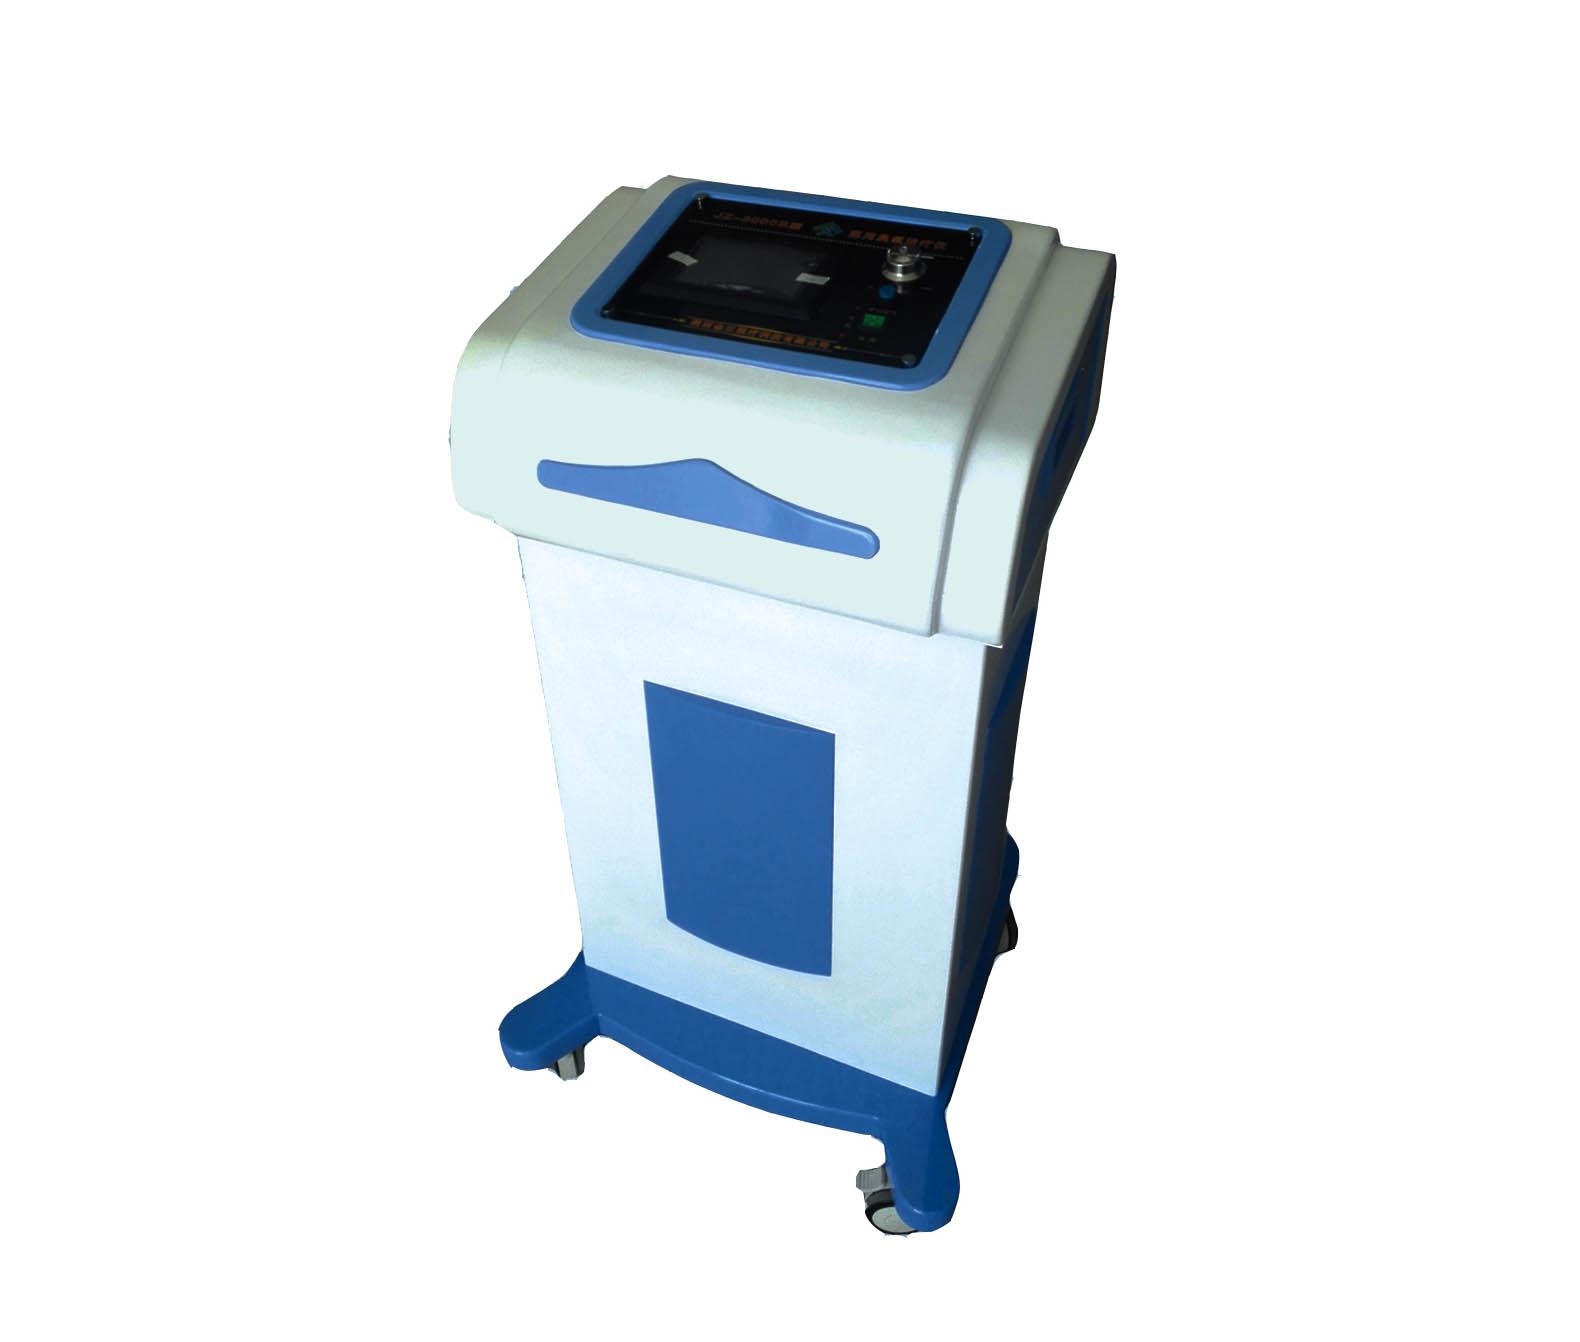 首创 疼痛科臭氧(3000B推车式)/彩色触摸屏,数字模块化设计,微电脑控制